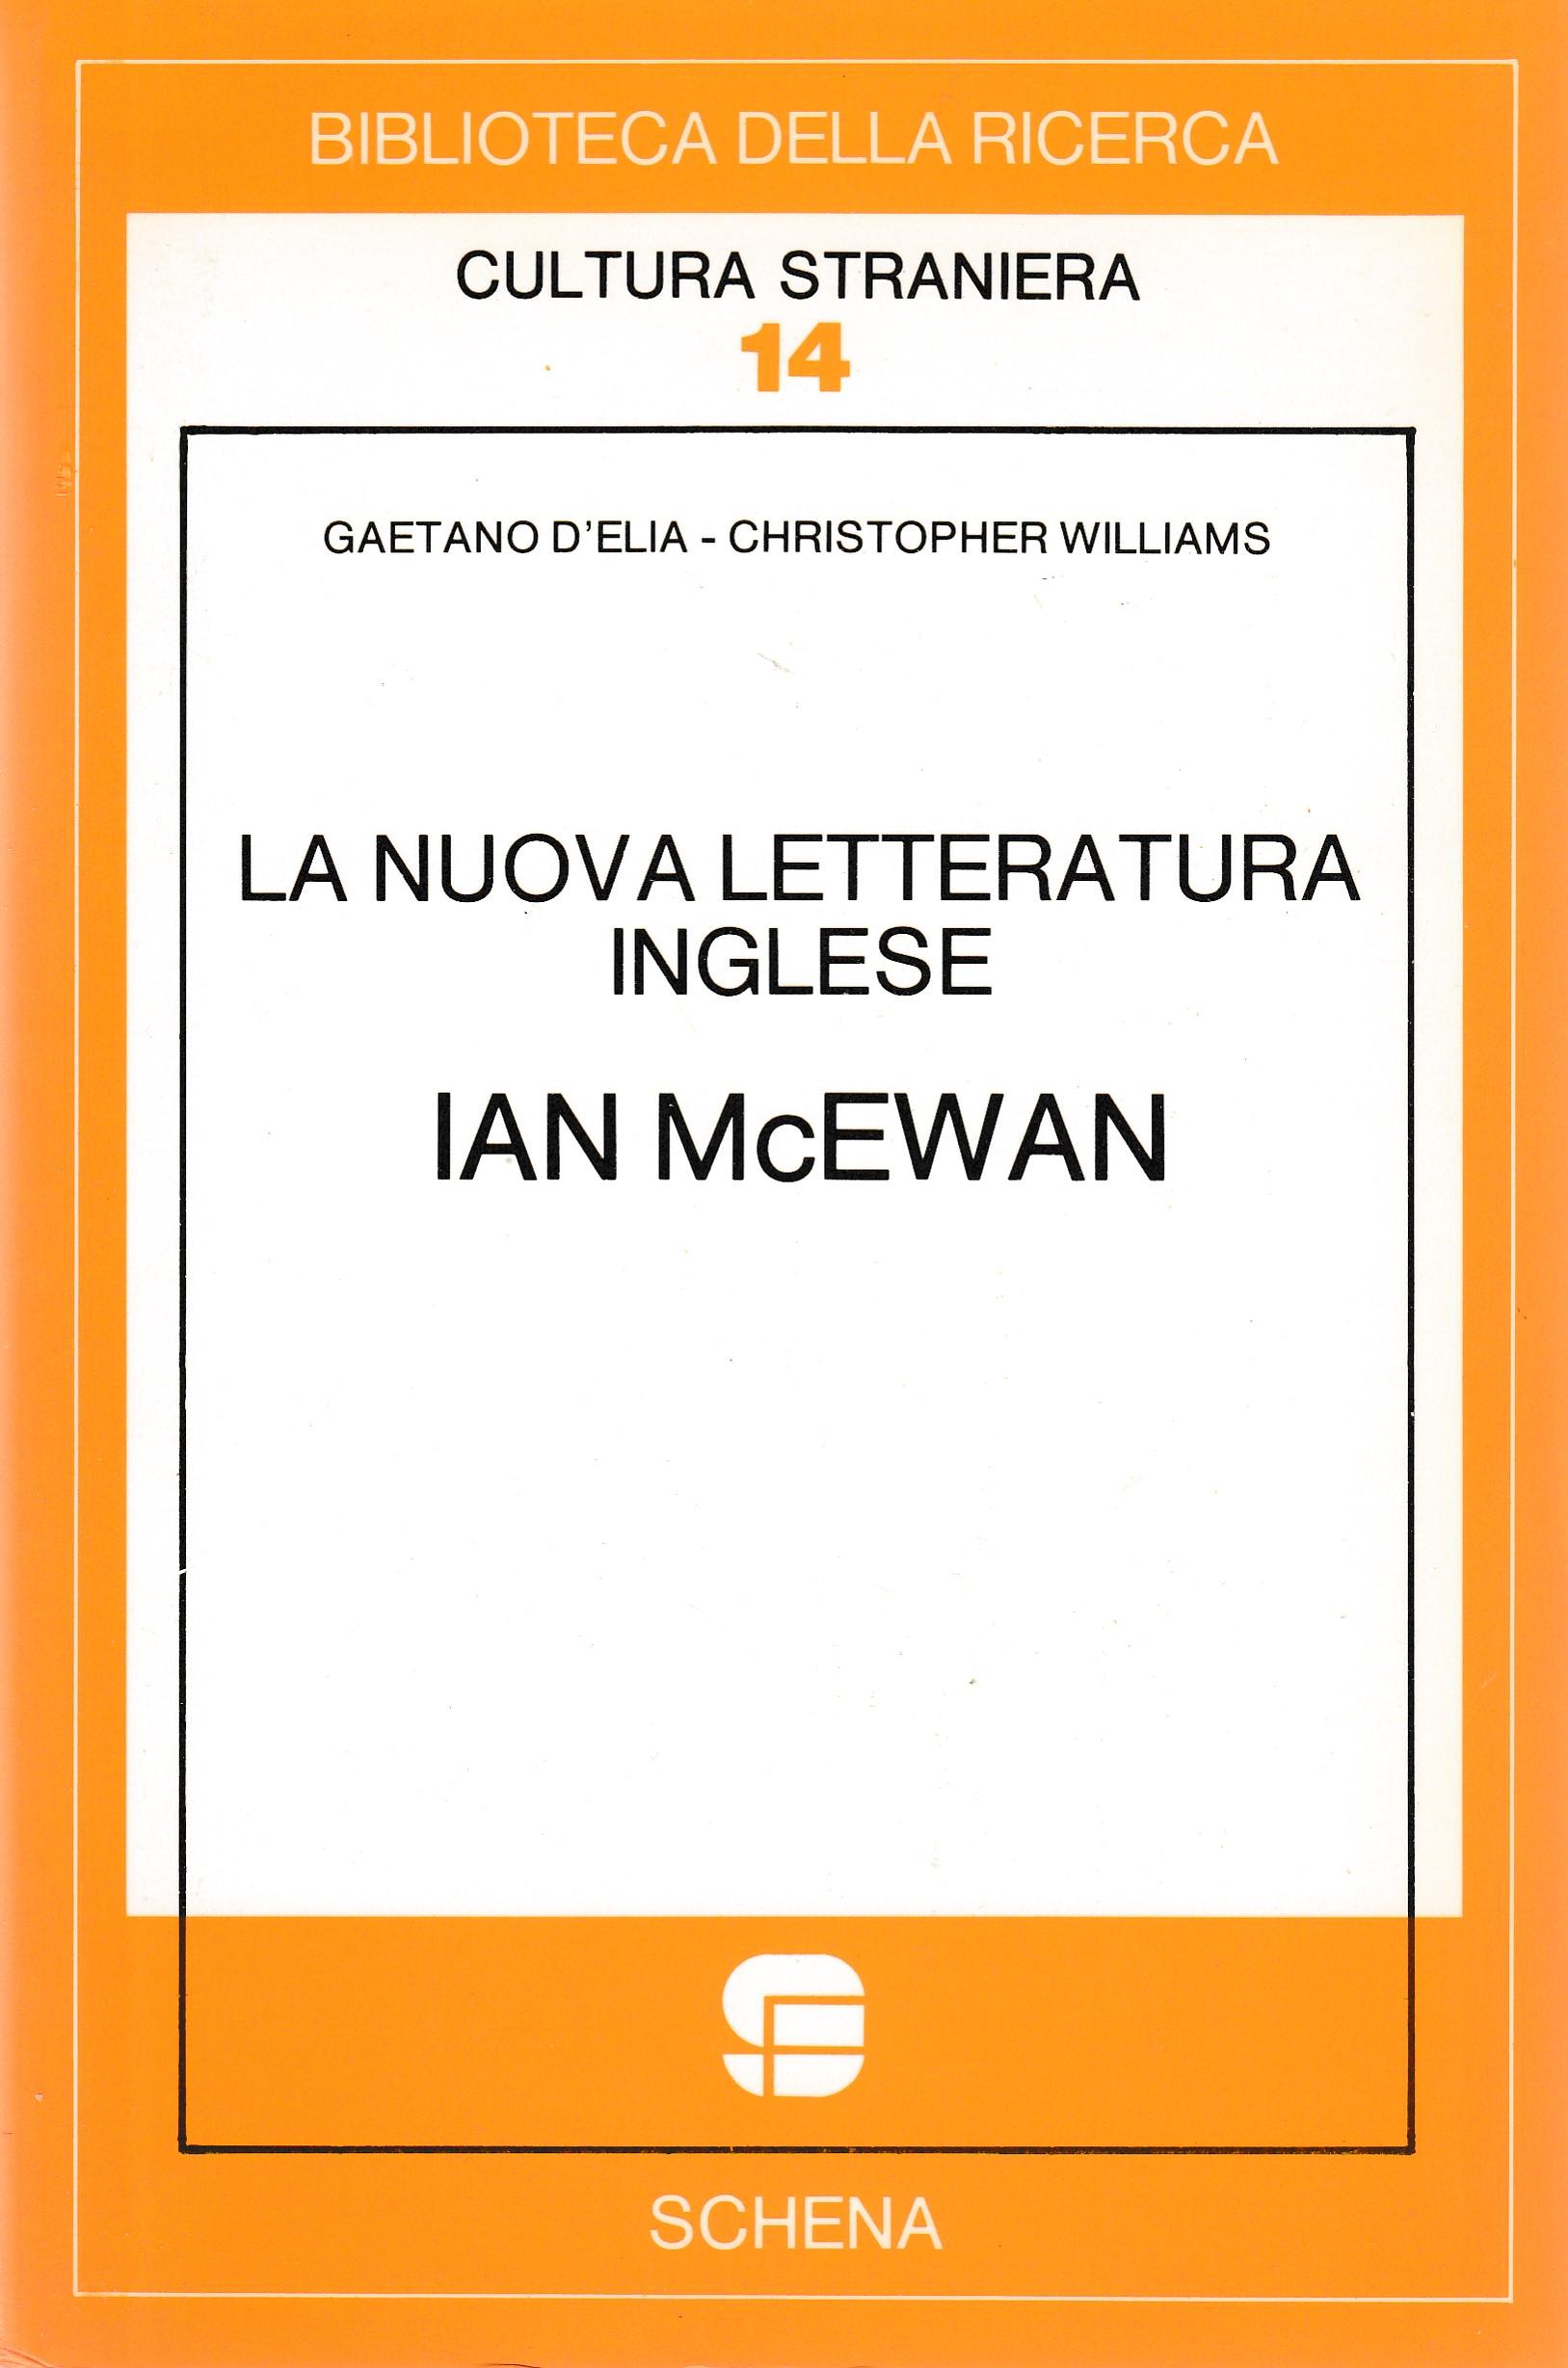 La nuova letteratura inglese